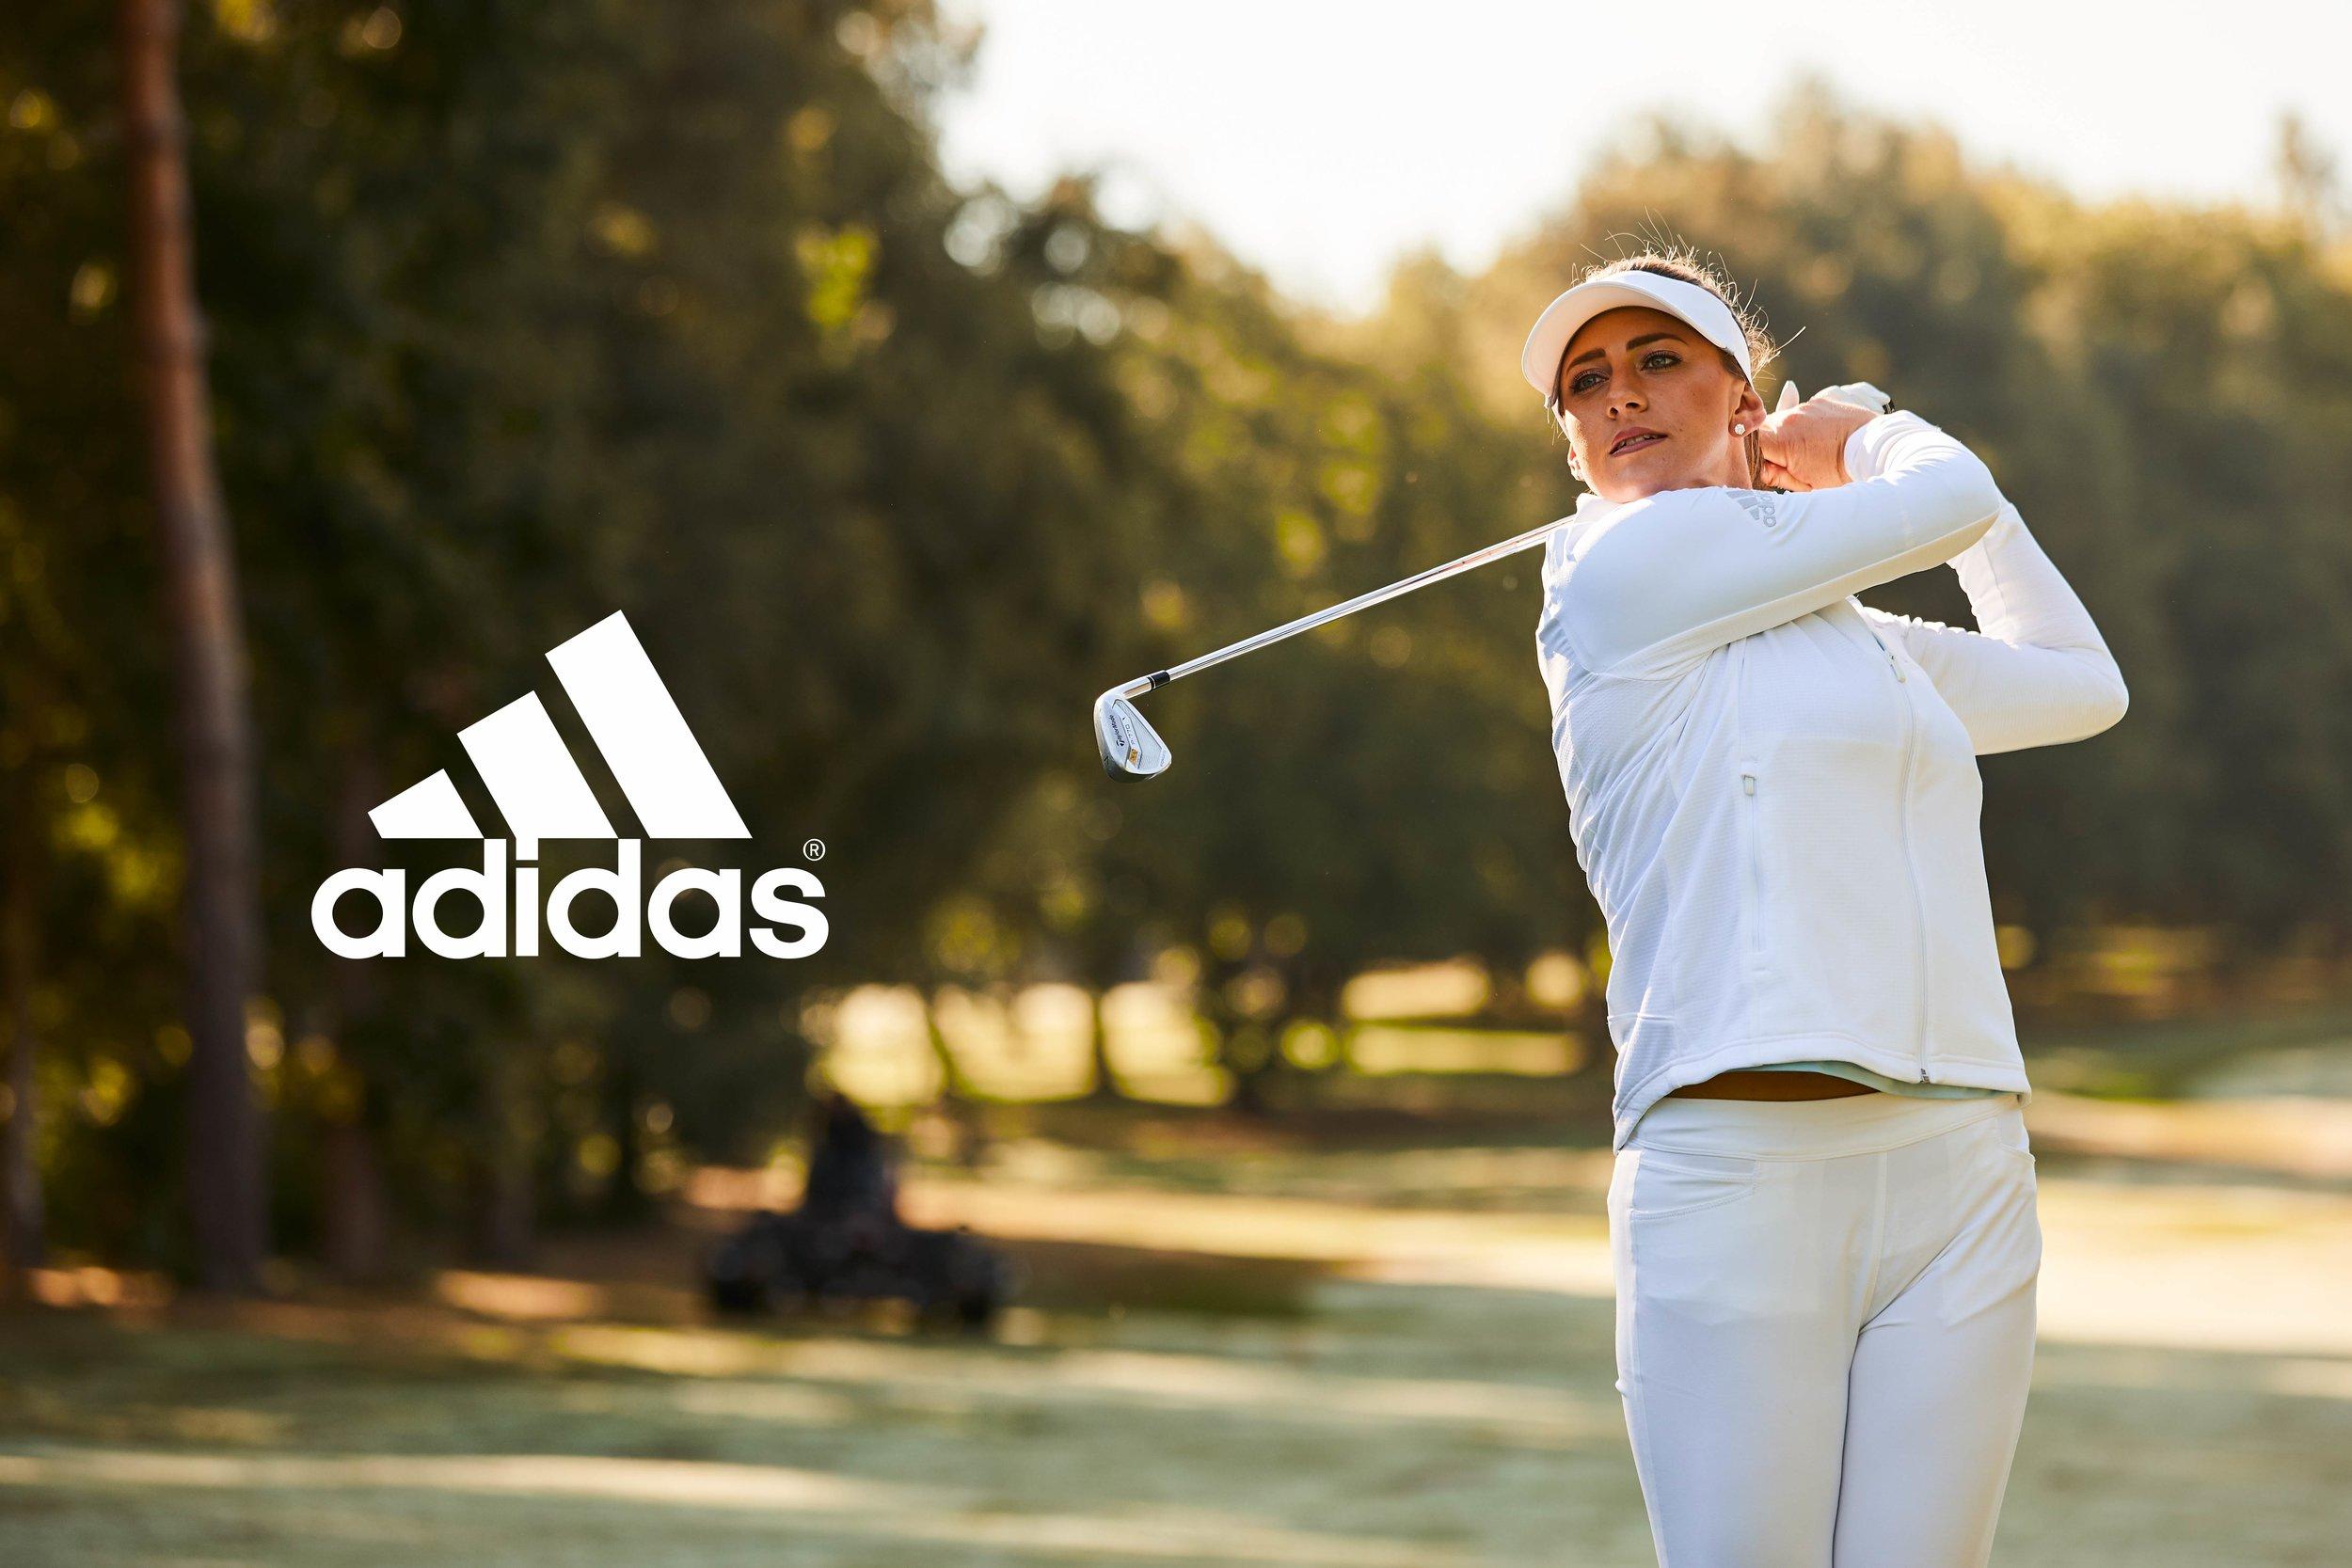 Sarah-Jane Boyd for Adidas Golf